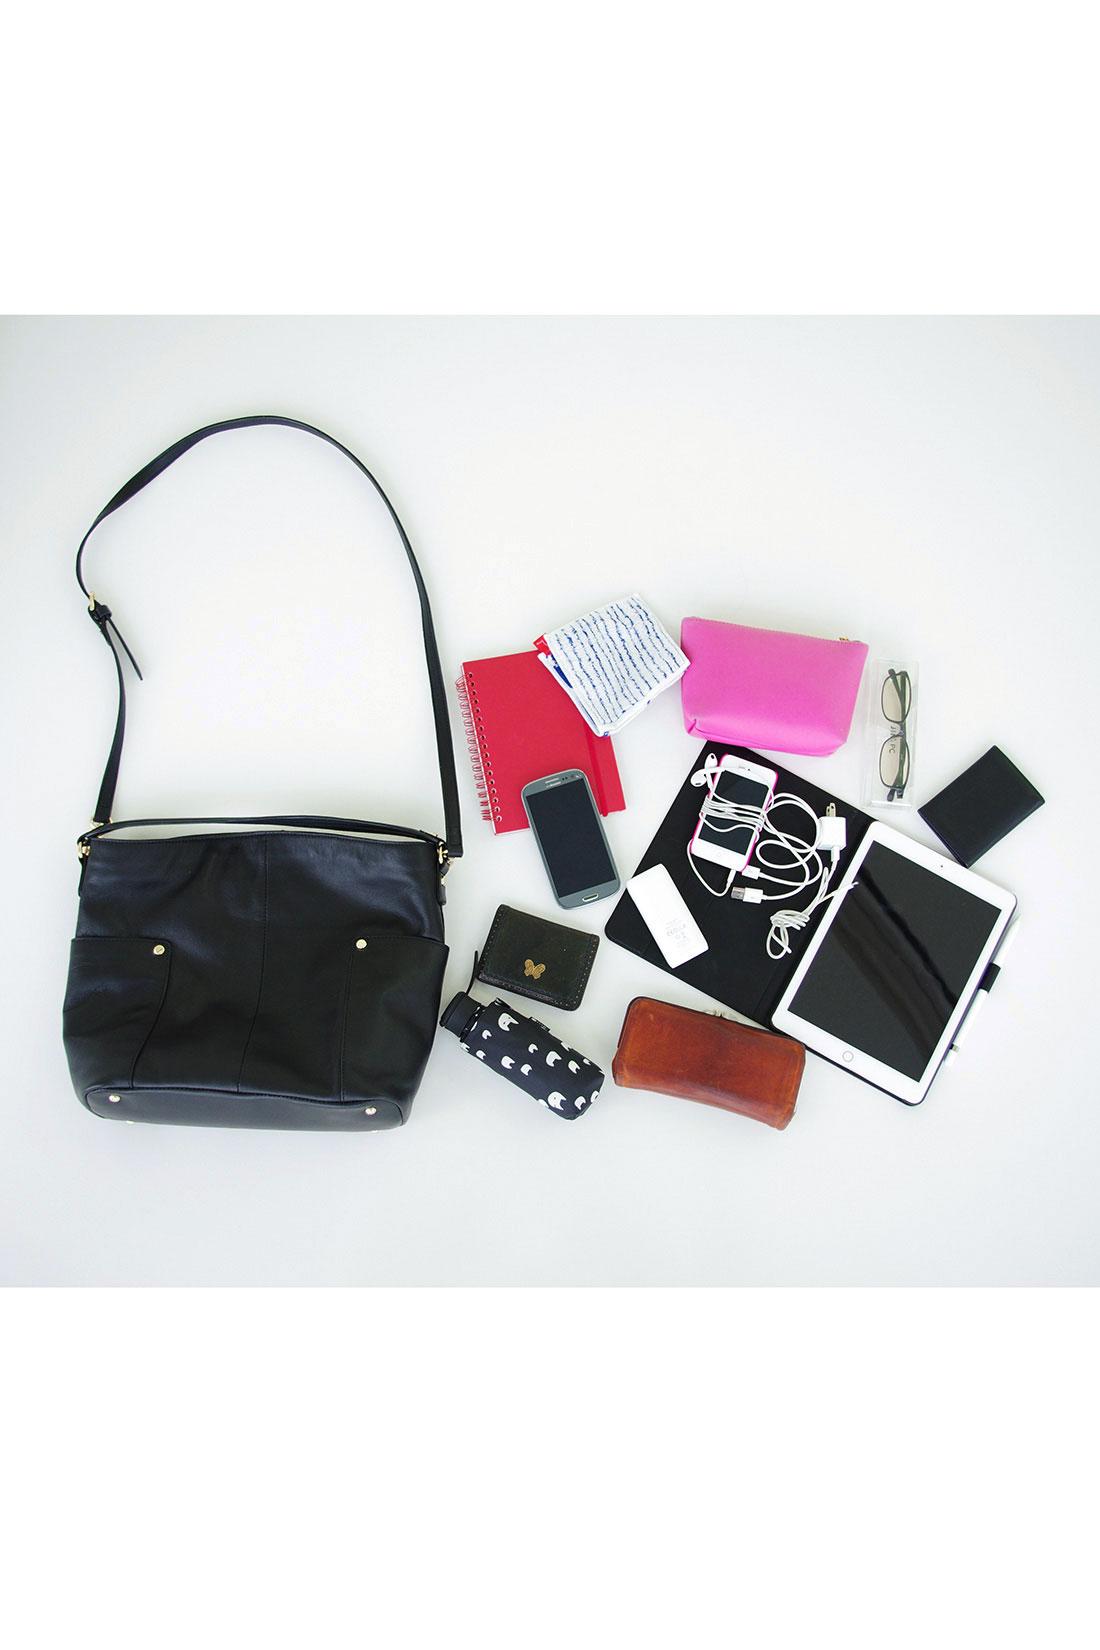 ハンカチ・手帳・携帯電話・定期入れ・折りたたみ傘・お財布・携帯充電器・携帯音楽プレイヤー・タブレット・お化粧ポーチ・めがね・文庫本が入ります。